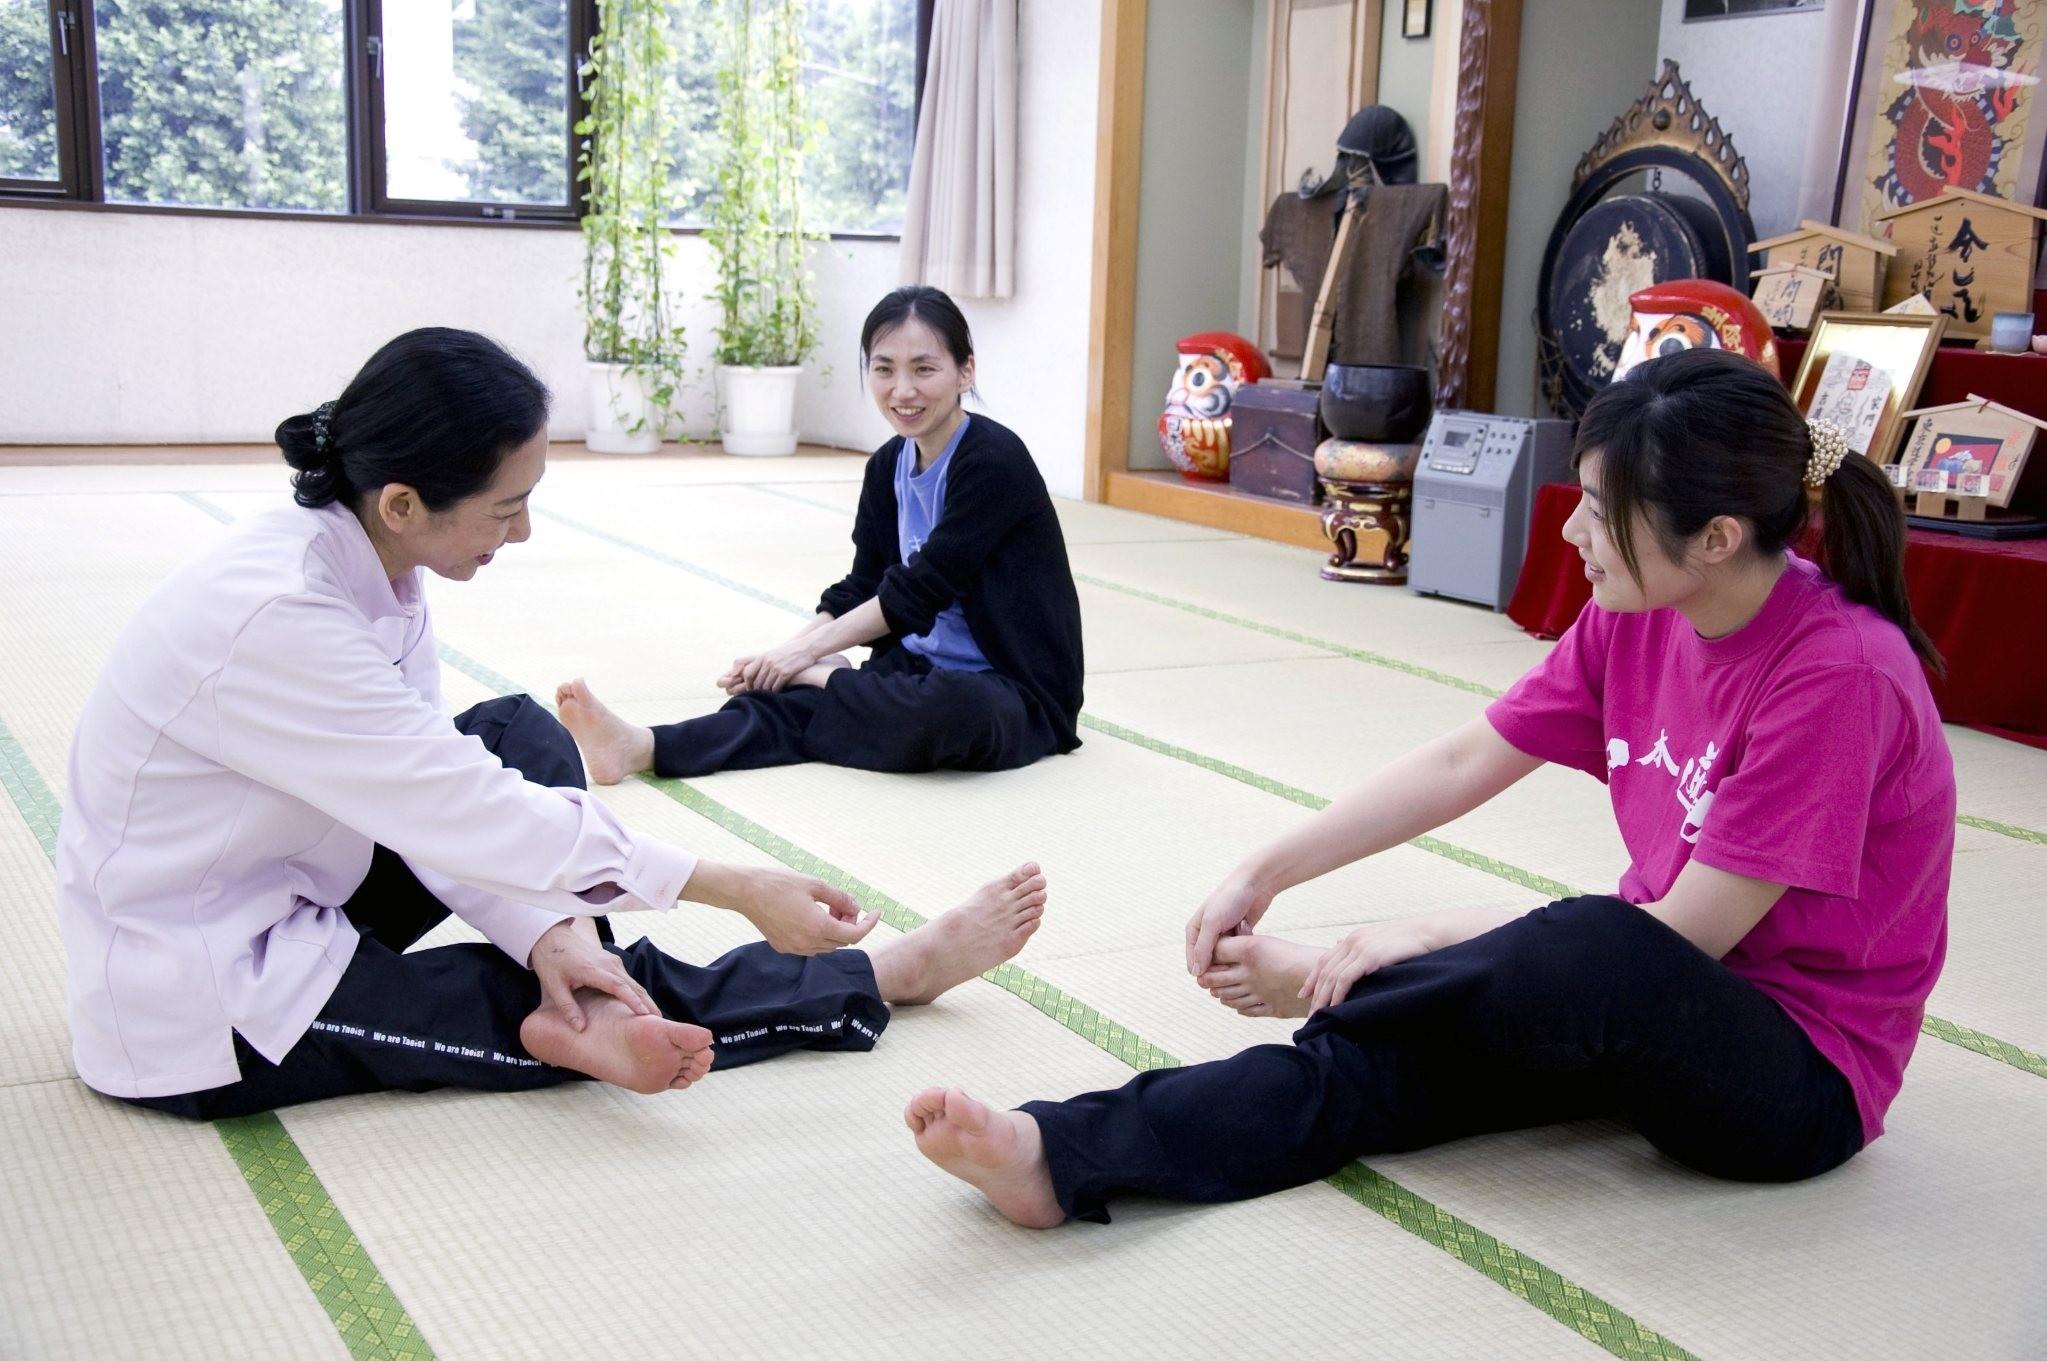 帯広で習える☆ 気功の大元、導引術 「気のトレーニング」で気の巡りをよくし、心も体もポカポカに!